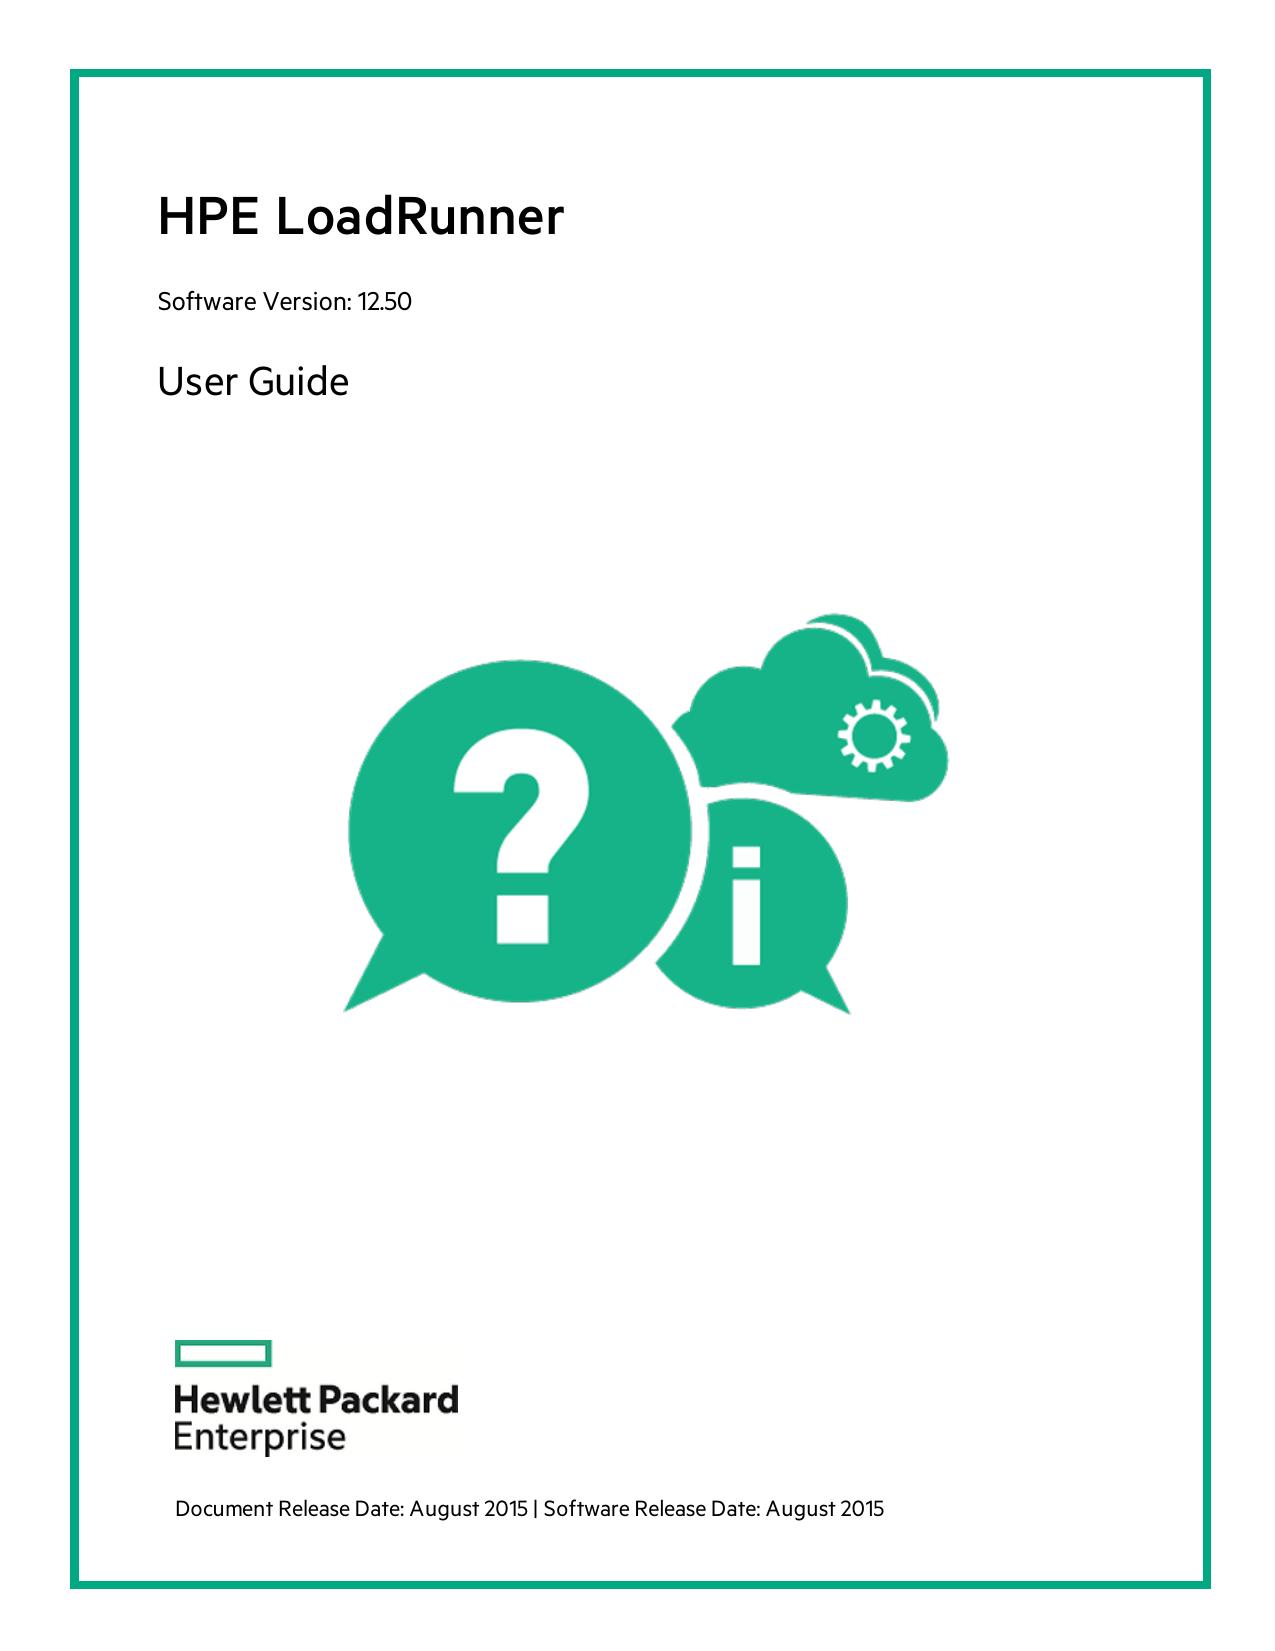 49c84a1802bc89 HPE LoadRunner User Guide - HPE LoadRunner Help Center | manualzz.com